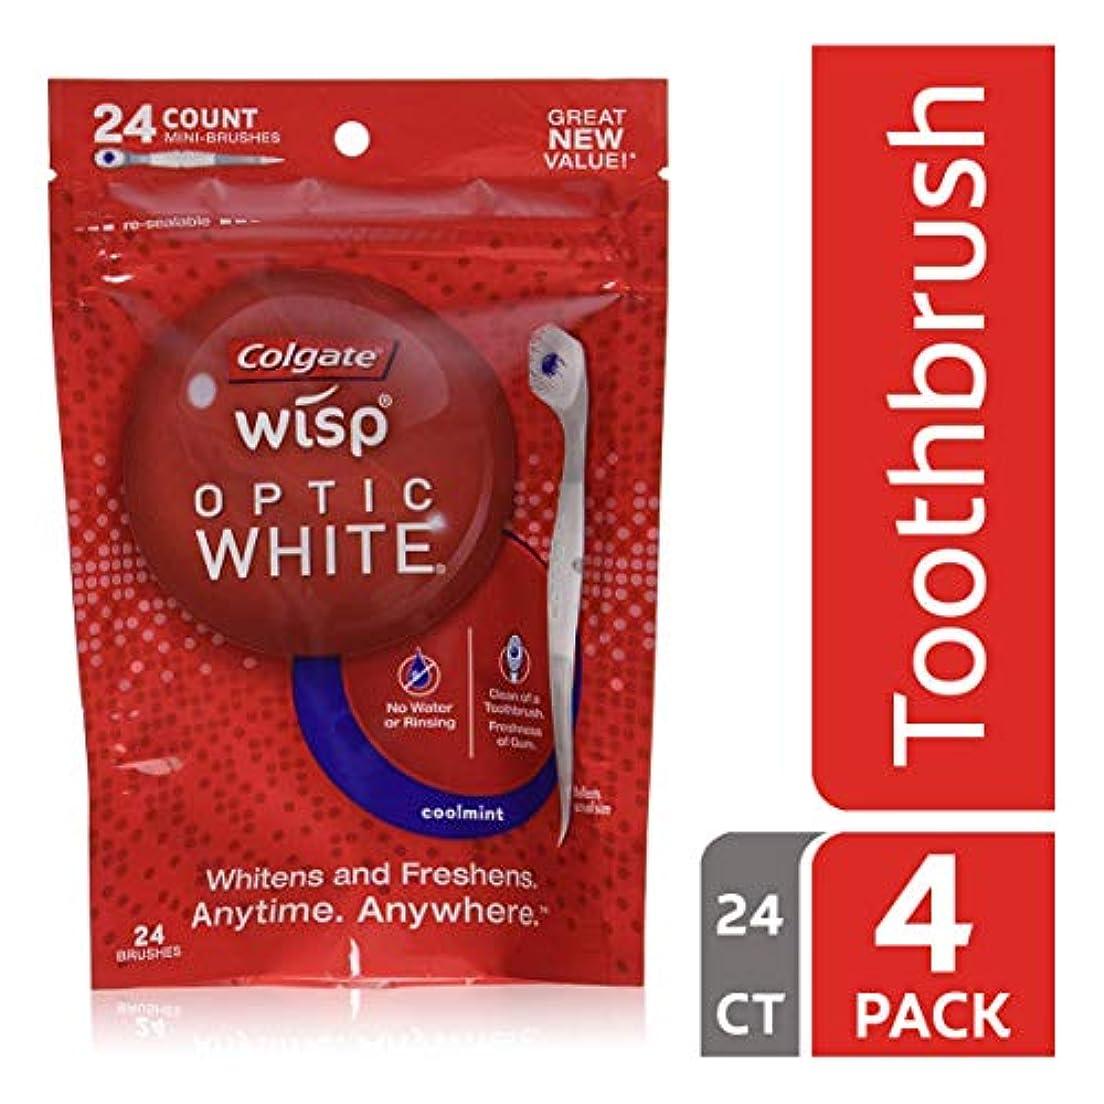 階段歴史的散文コルゲート ポータブルミニ歯ブラシ オプティックホワイト、クールミント 24カウント (4袋 (24x4 ミニブラシ))